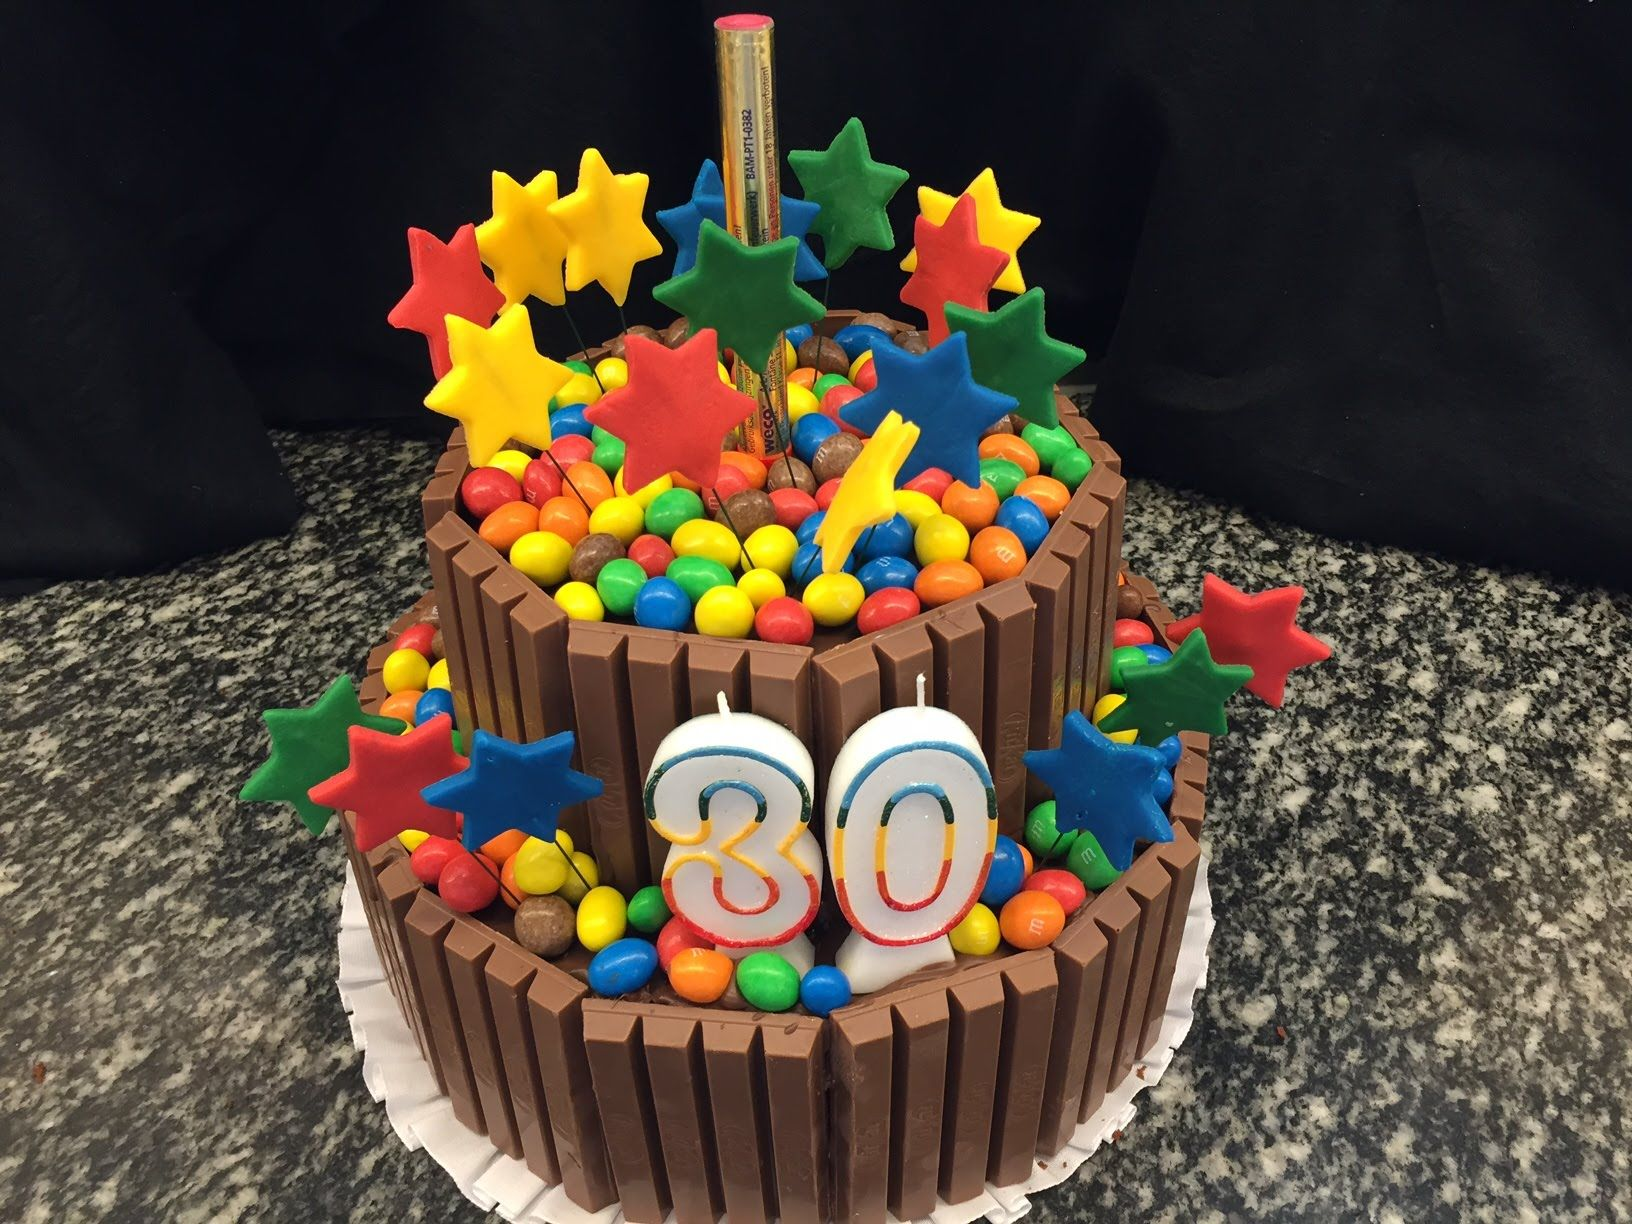 Украсить торт эмемдемс фото